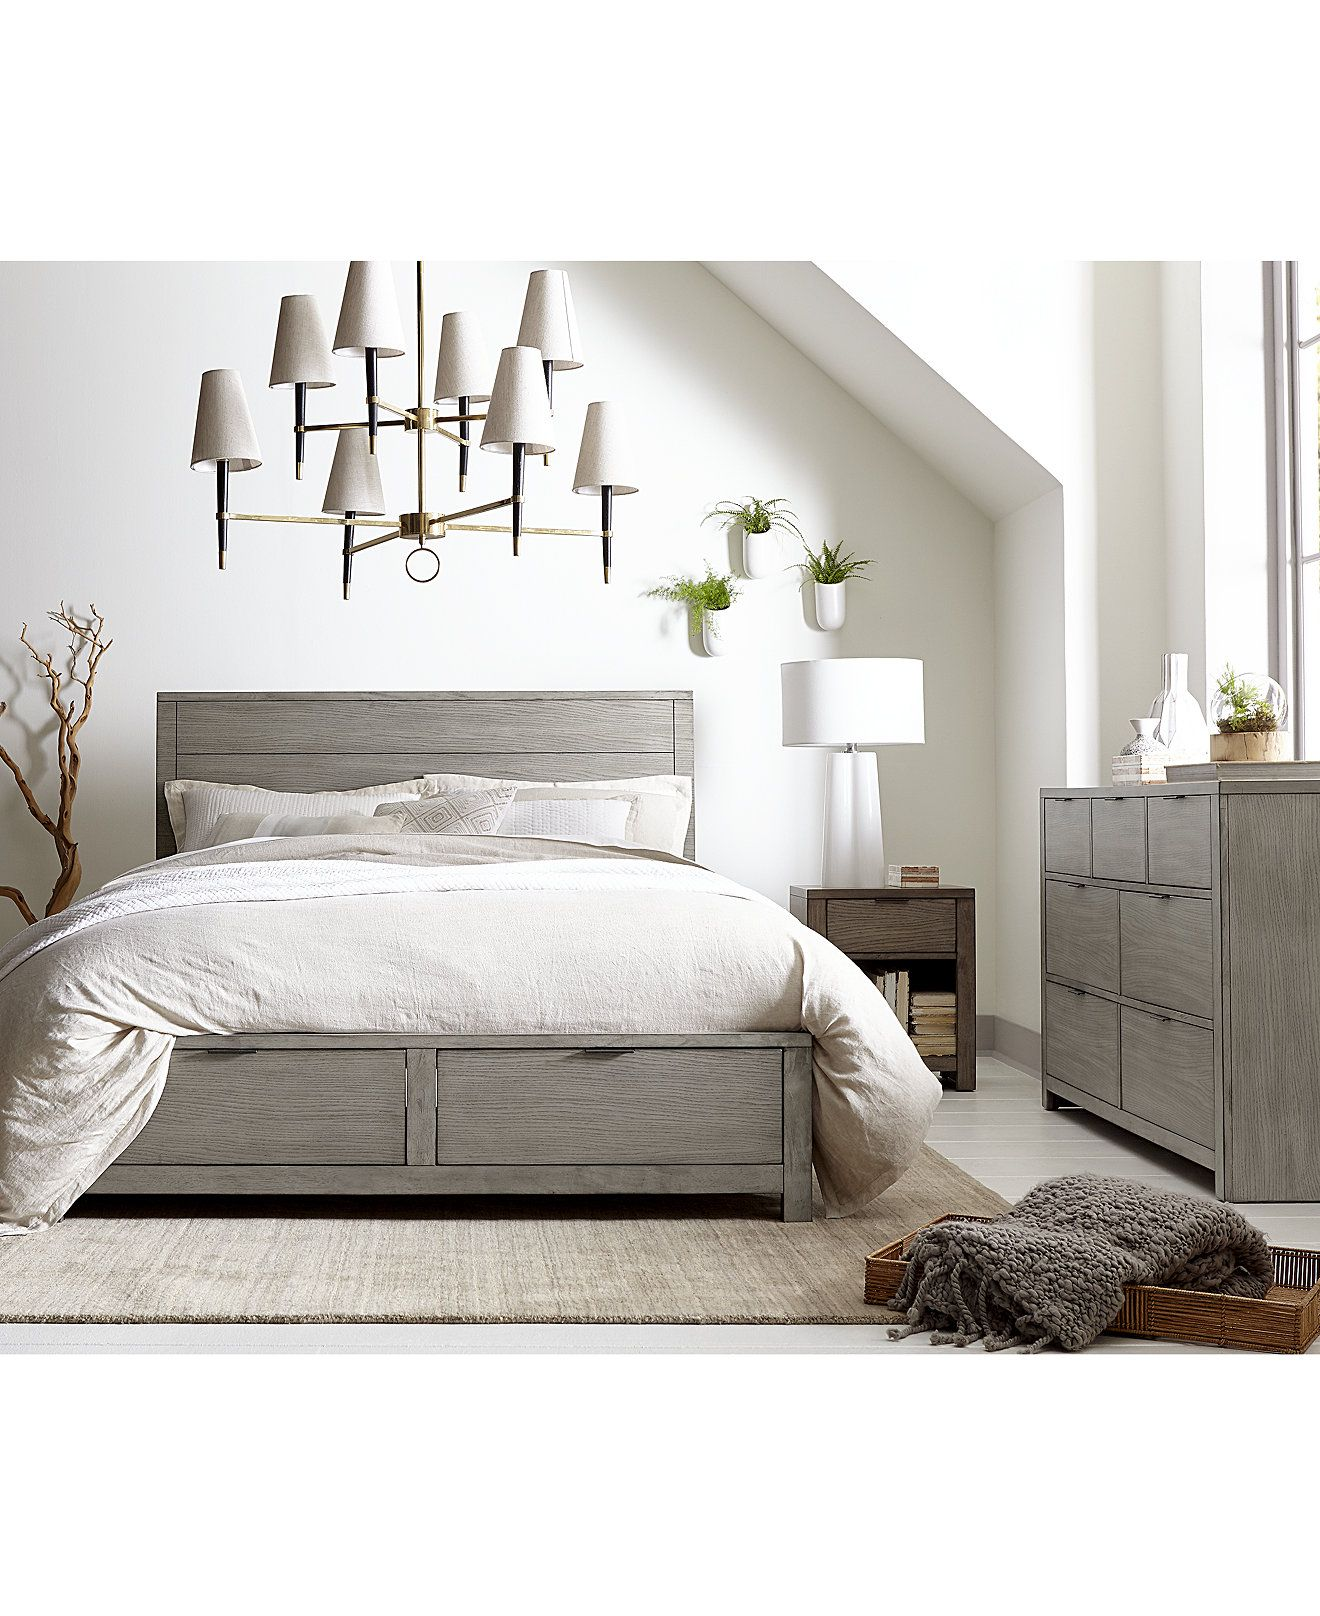 Furniture Tribeca Storage Platform Bedroom Furniture Collection